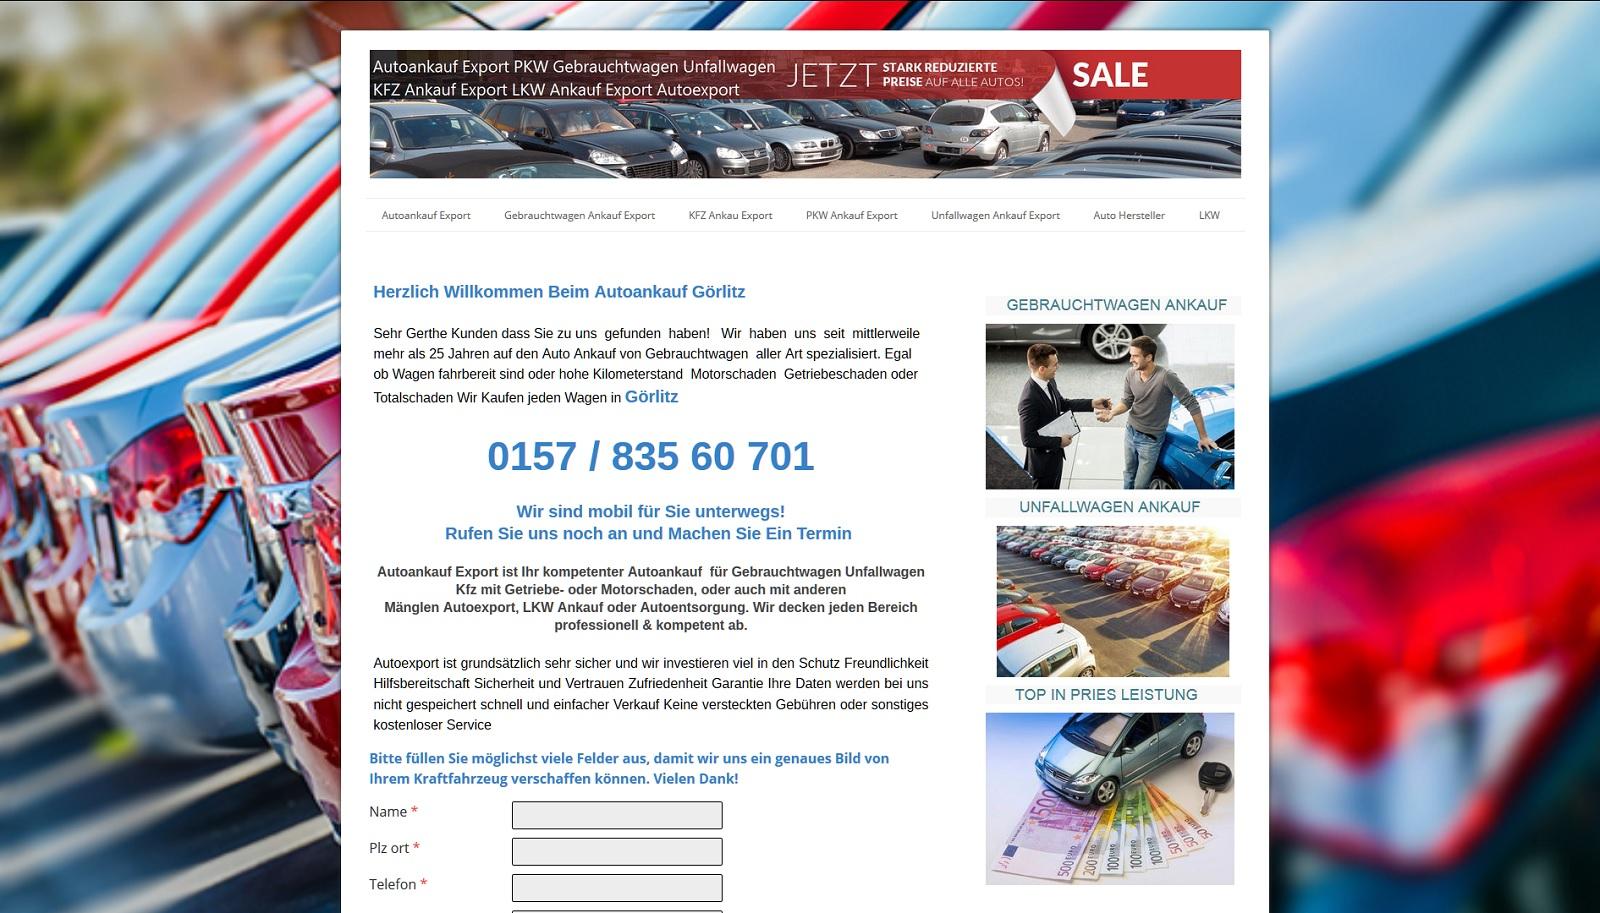 auto-ankauf-export.de - Autoankauf Bad Salzuflen